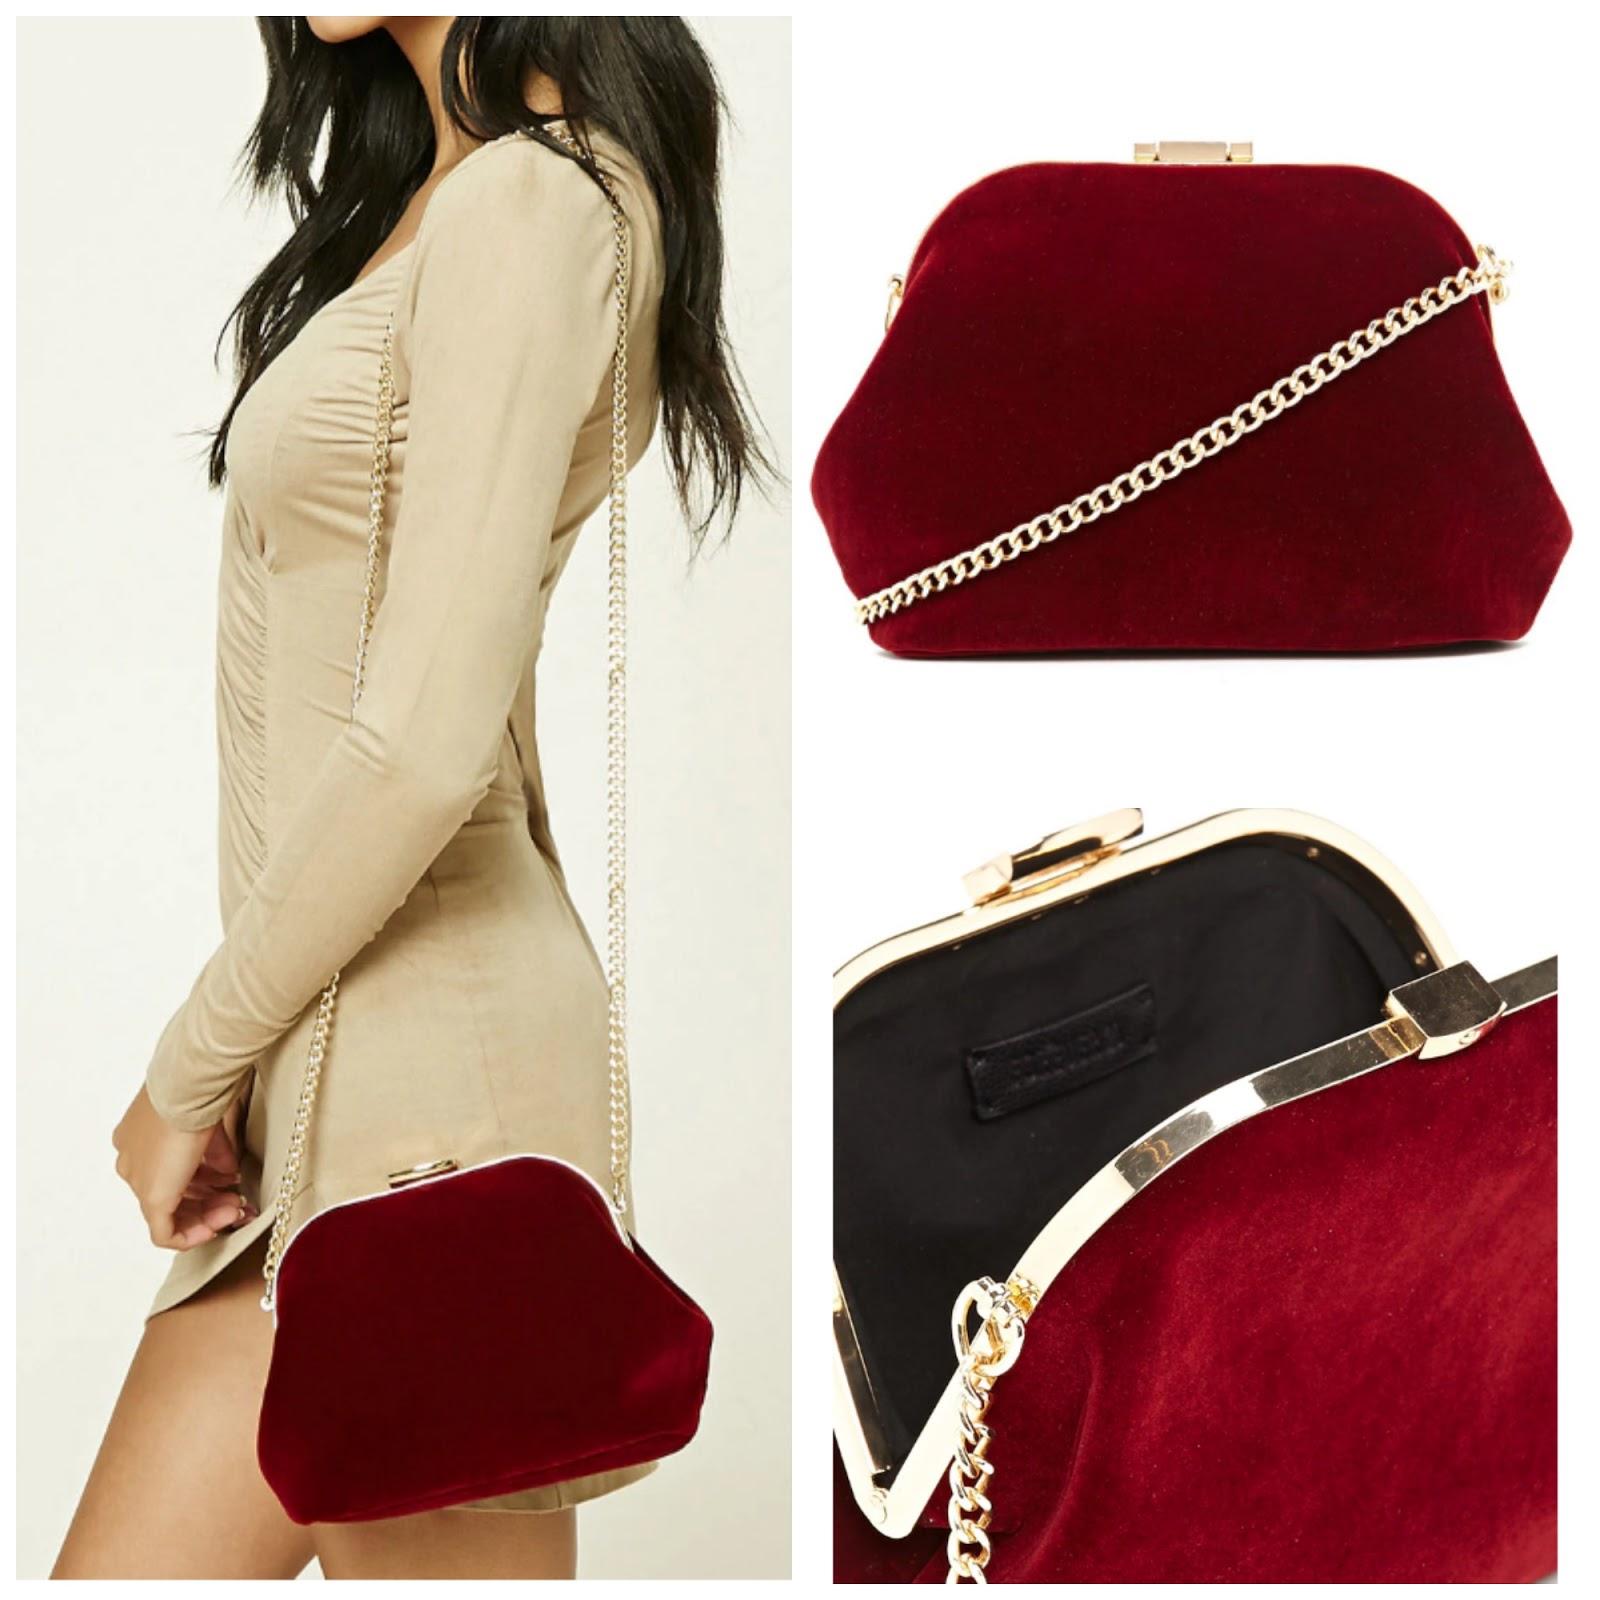 Velvet Bags Under $50